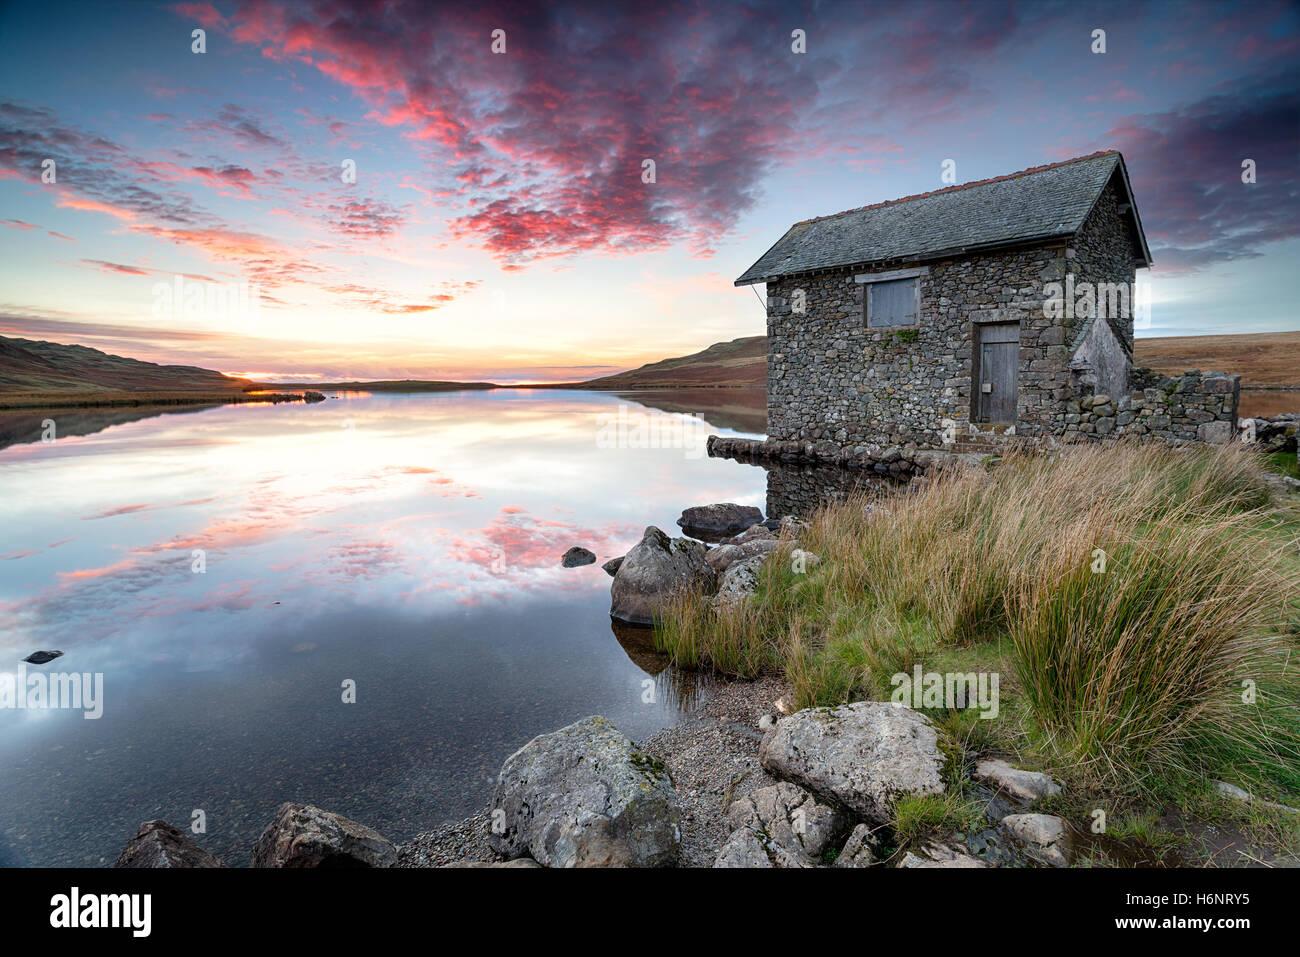 Tramonto su un vecchio boathouse in pietra sulle rive del Devoke acqua, un lago remoto su Birker cadde nel Lake District National par Foto Stock